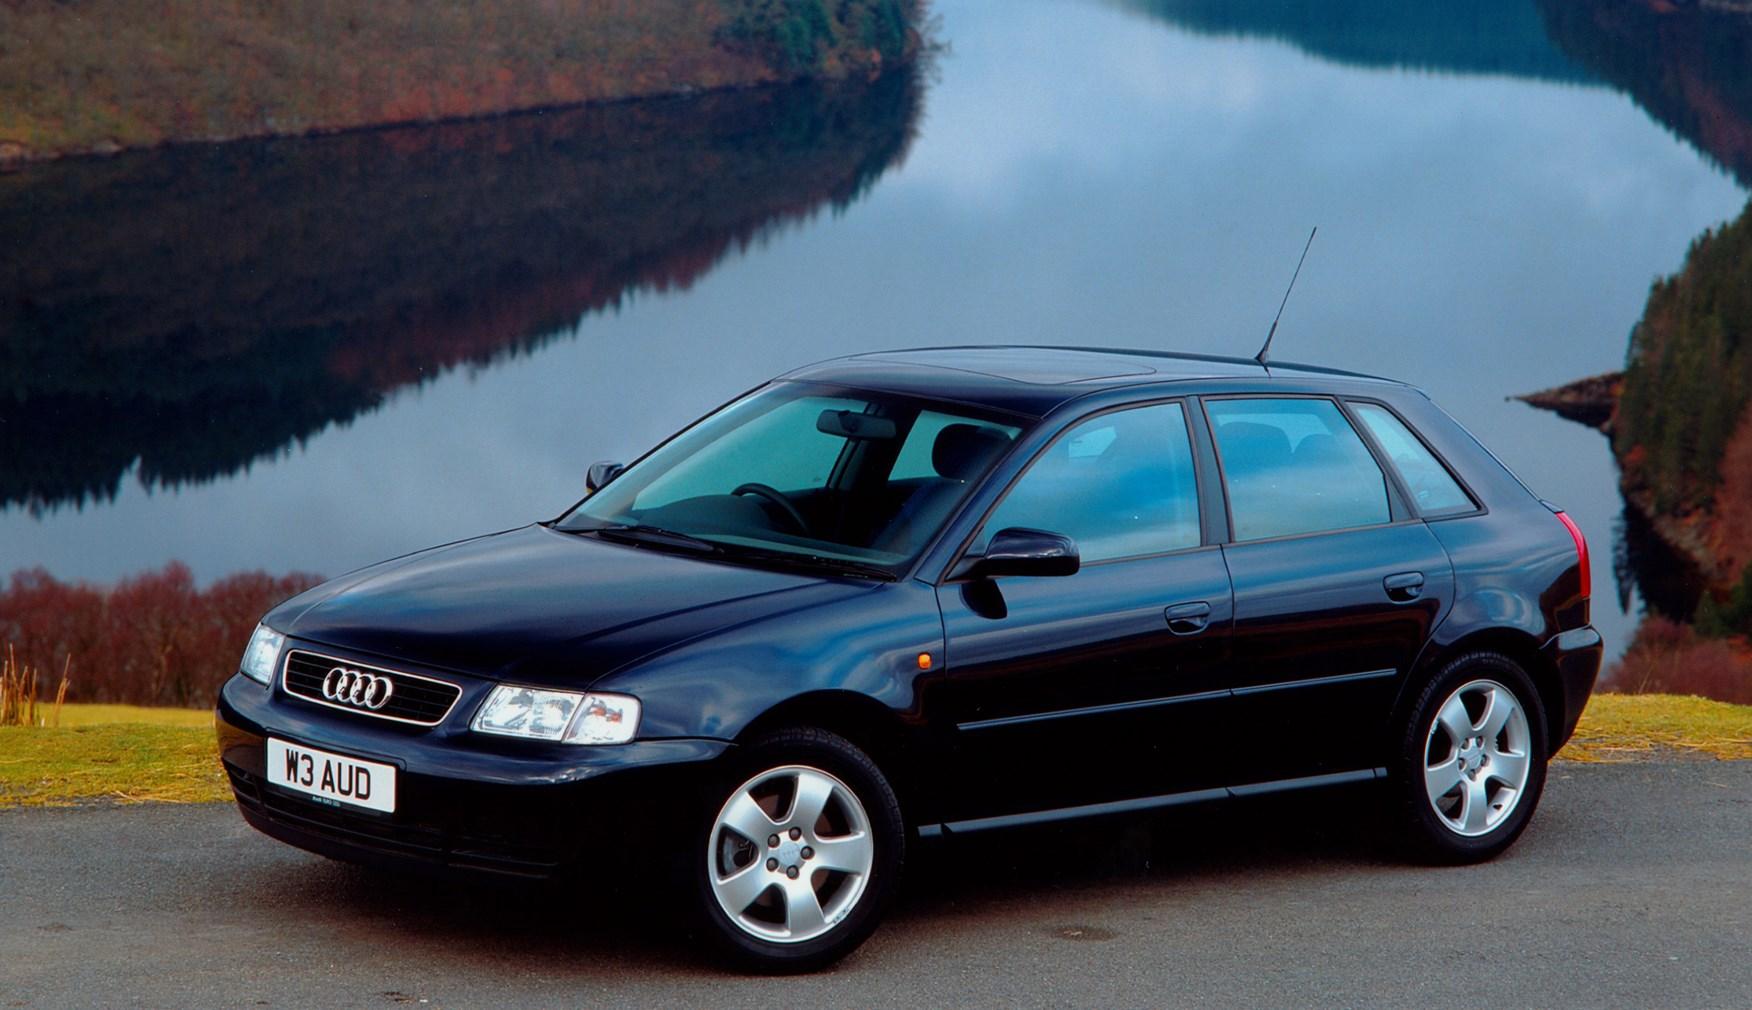 audi a3 hatchback review 1996 2003 parkers. Black Bedroom Furniture Sets. Home Design Ideas